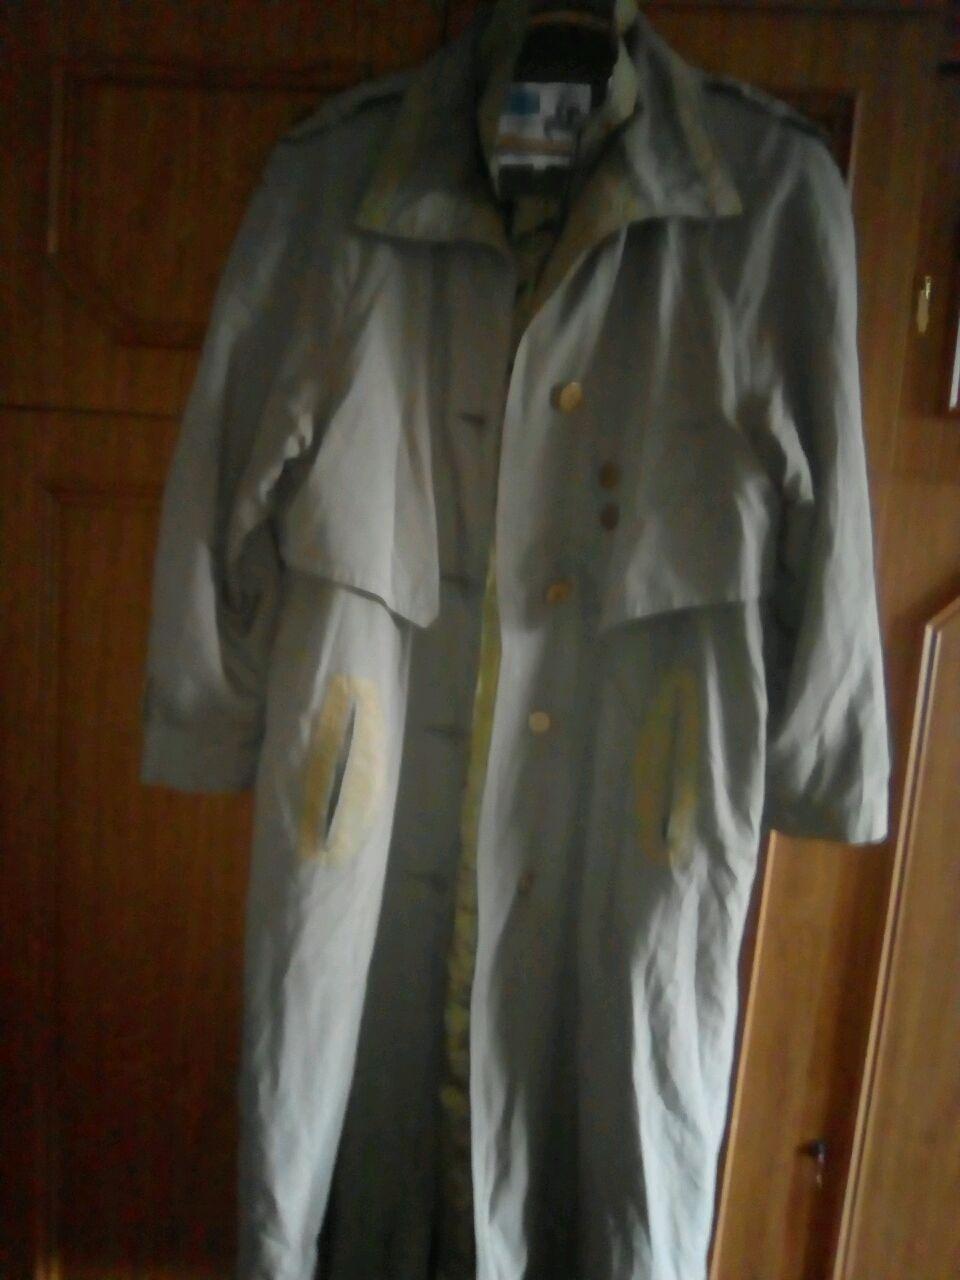 Винтаж: Пальто винтажное женское Сафари защитного цвета( цвет хаки), Одежда винтажная, Софрино,  Фото №1